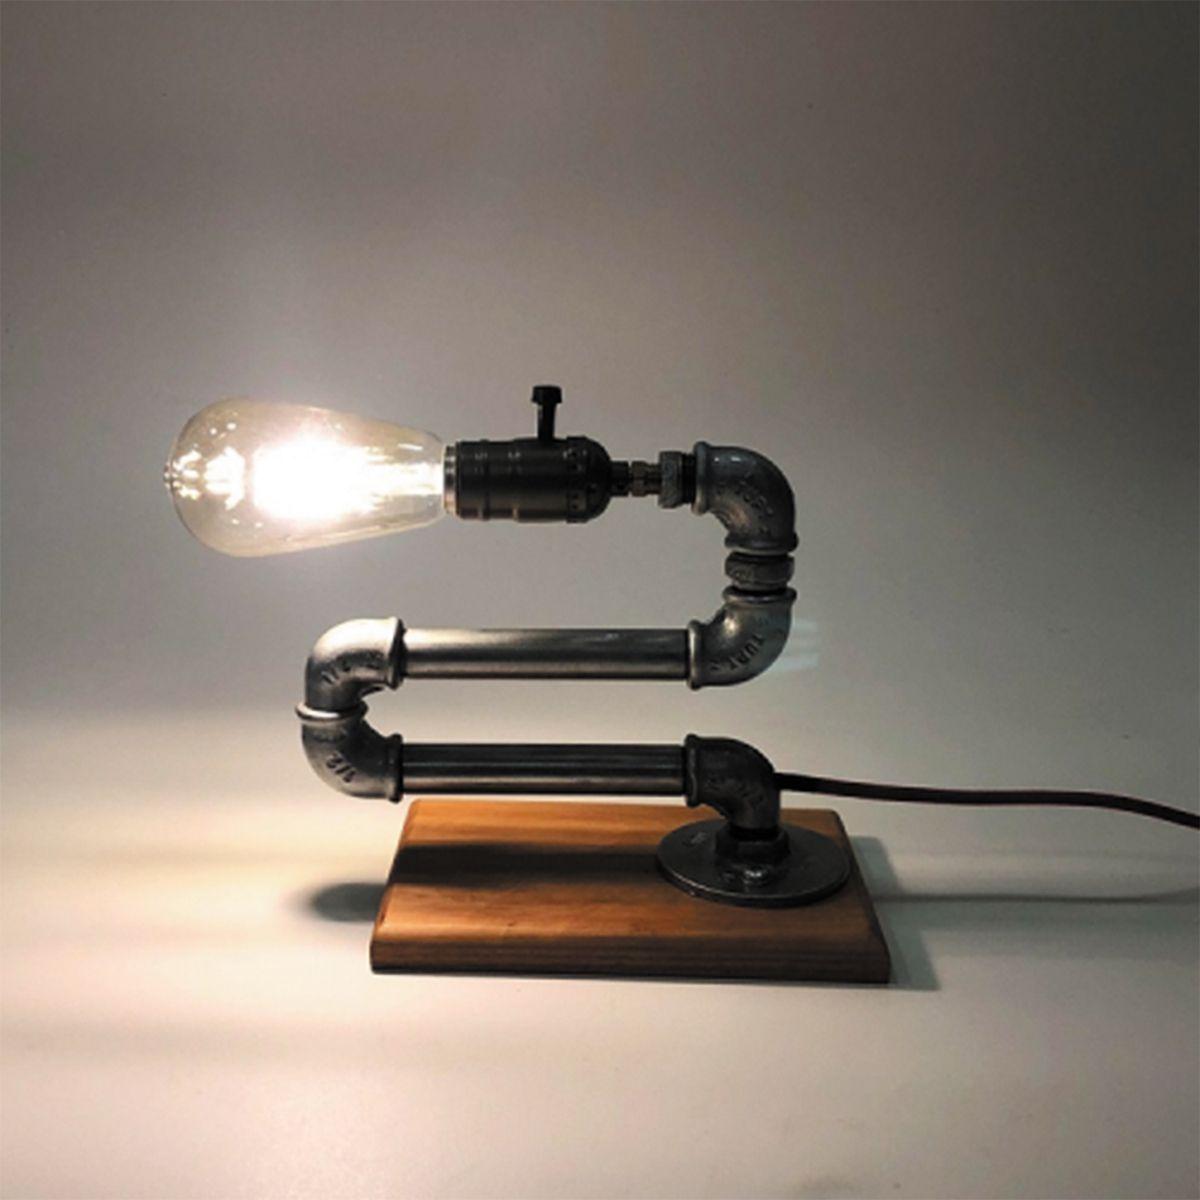 Luminária de Mesa Design Exclusivo Cano de Metal Mod: Minhoca